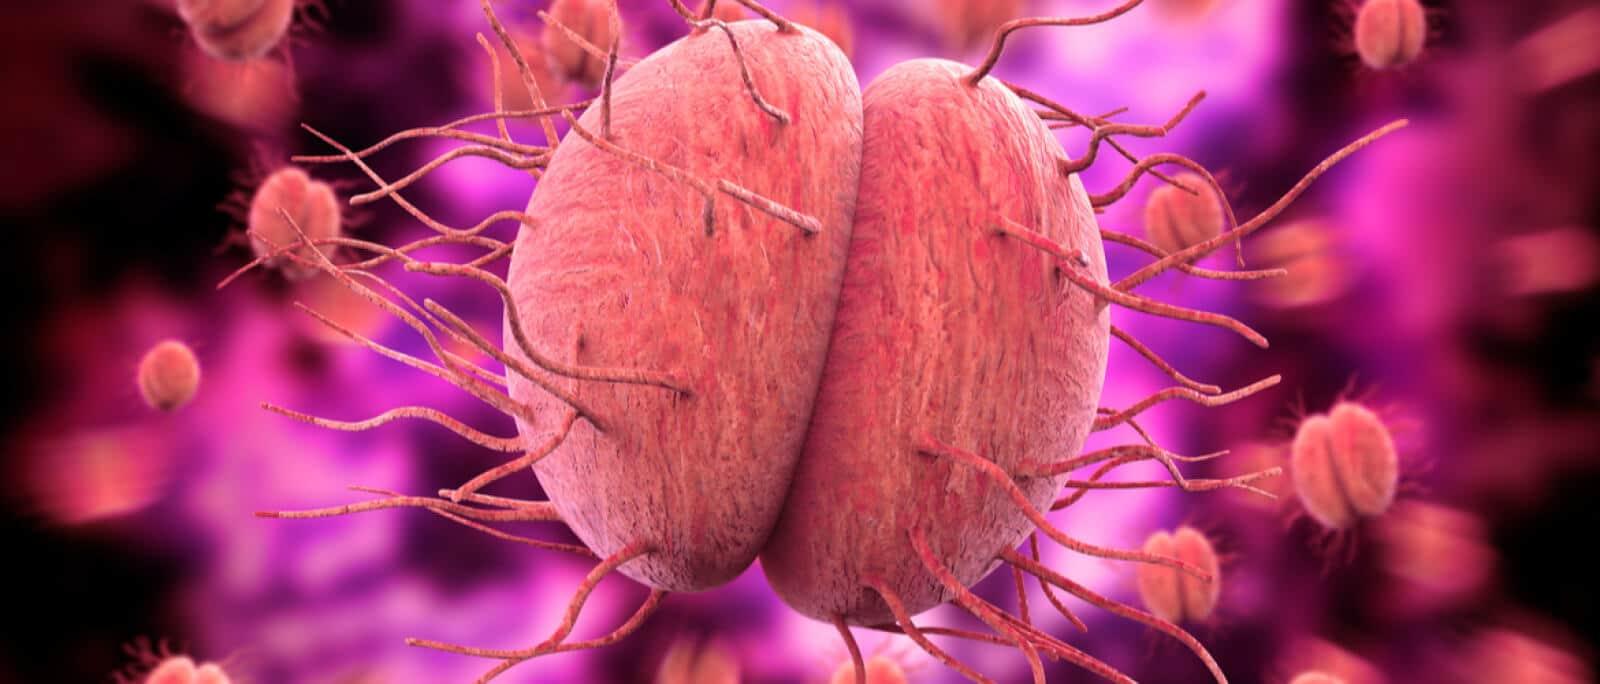 Gonorreia Sintomas no Homem e na Mulher, Causas e Tratamento